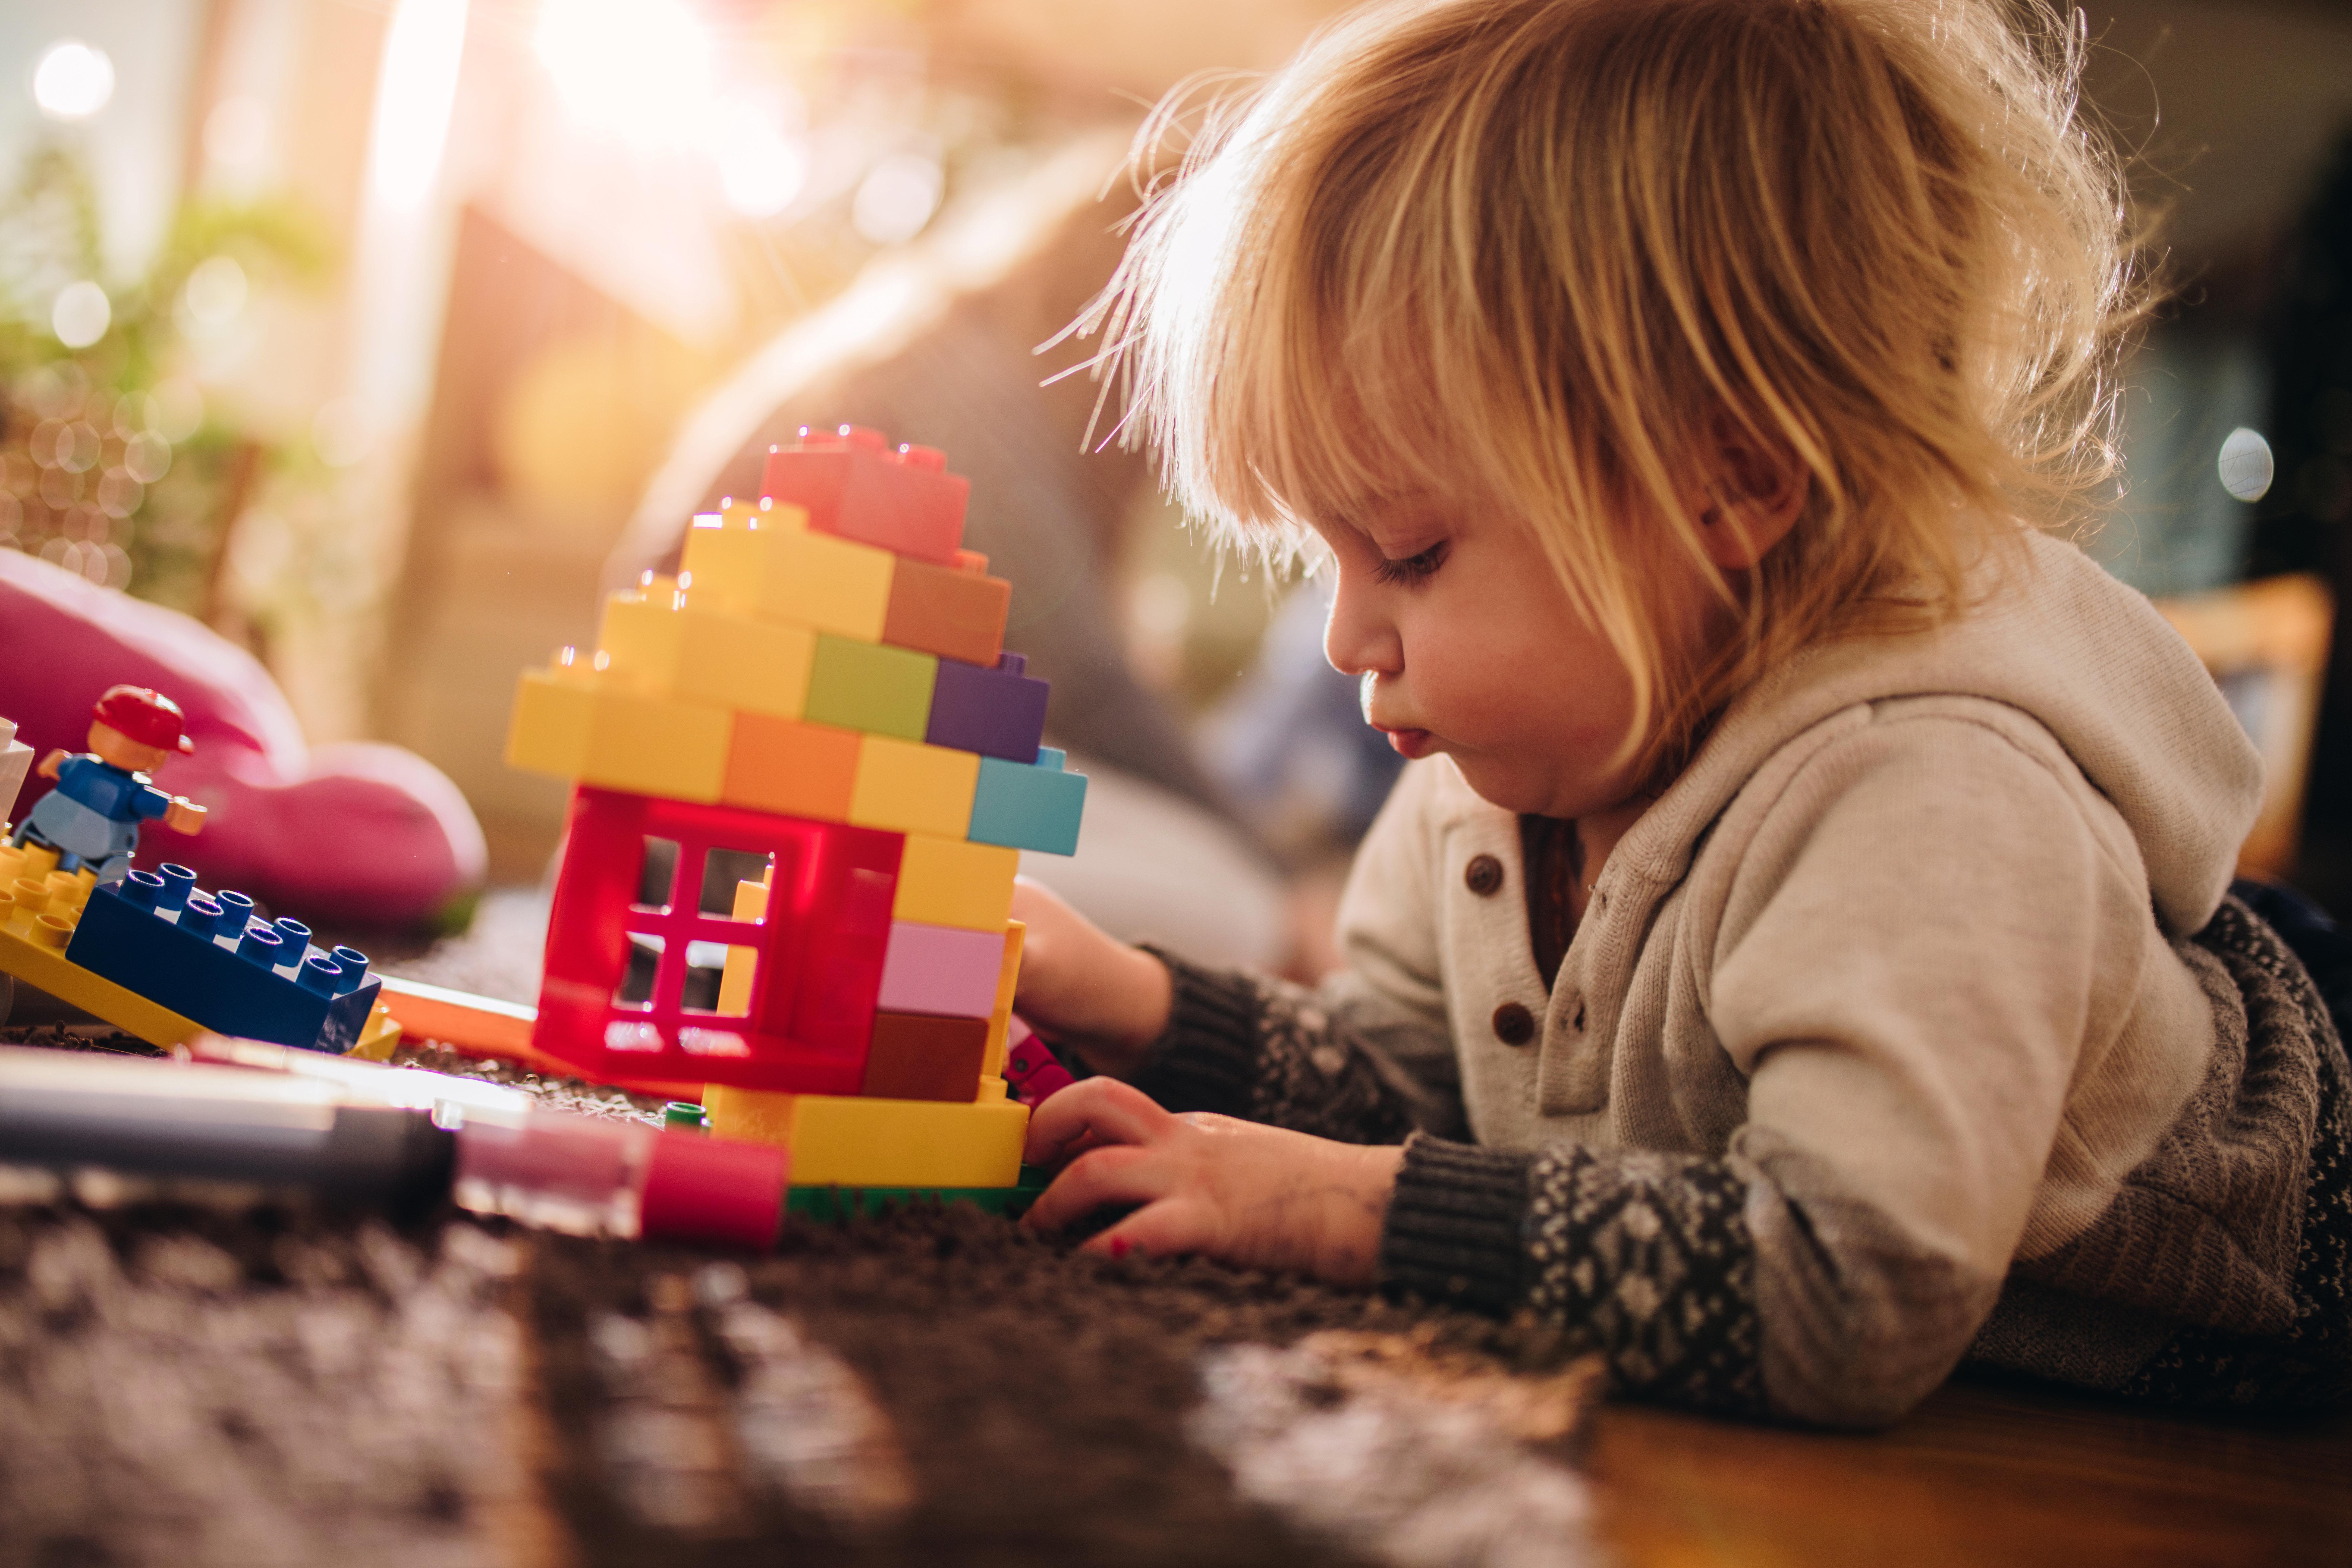 Kinderärzte schlagen Alarm: Kinder haben immer weniger Zeit zum